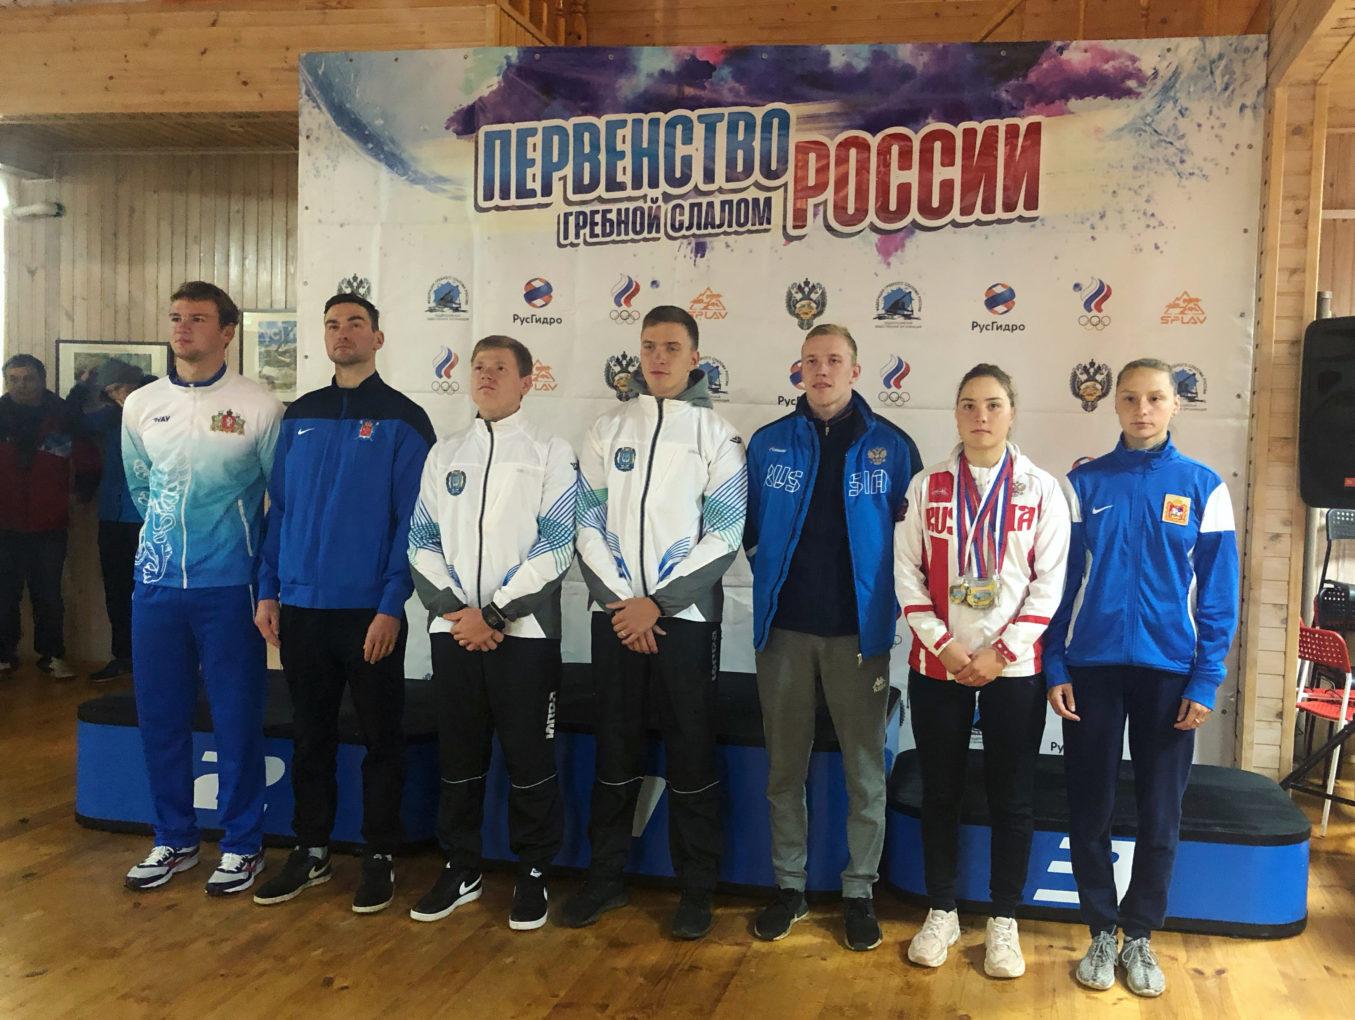 В Окуловке завершилось первенство России до 24 лет